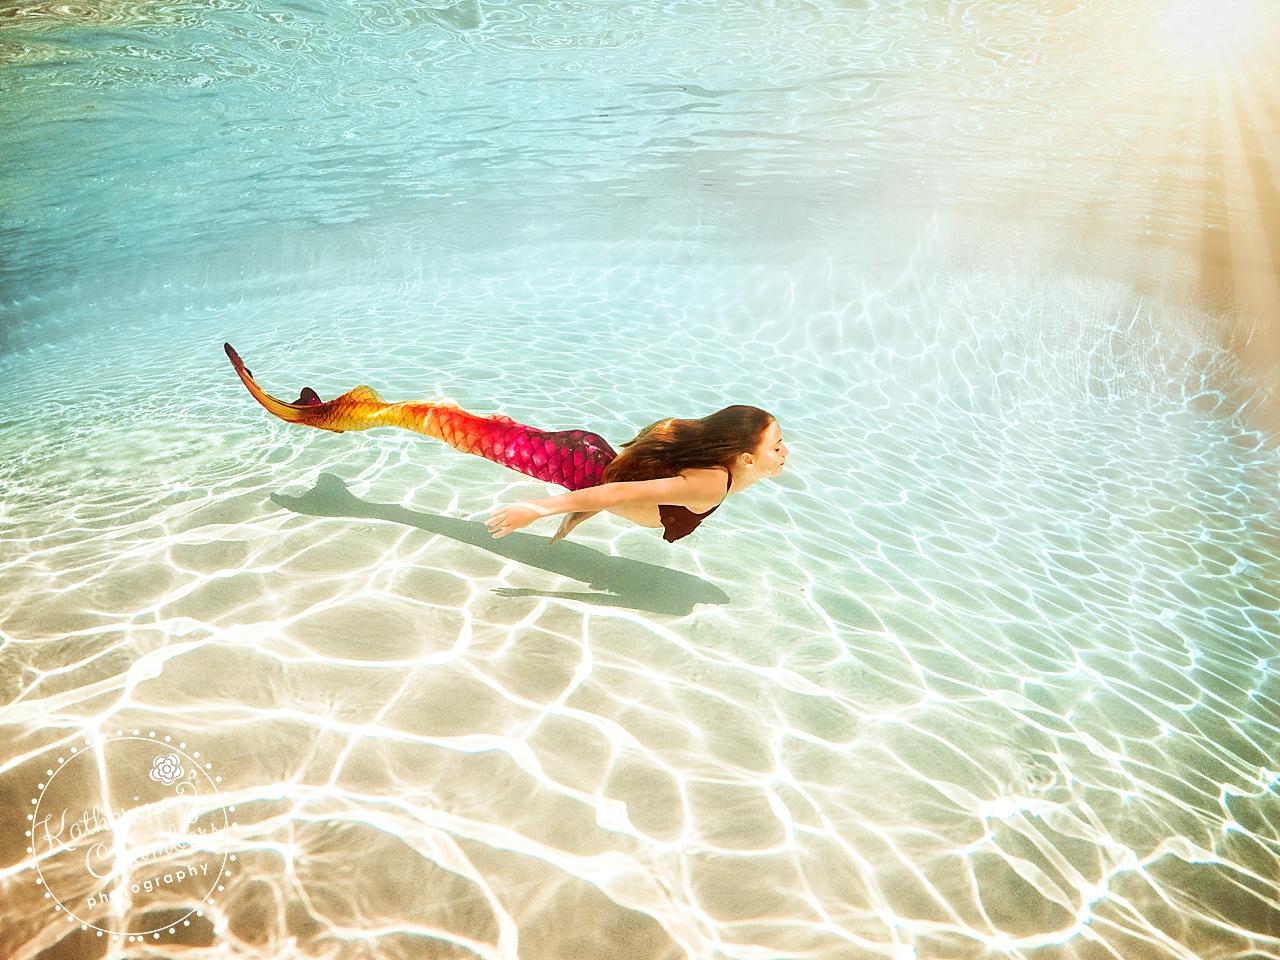 Cleveland Child Photographer | Mermaid Photo Session